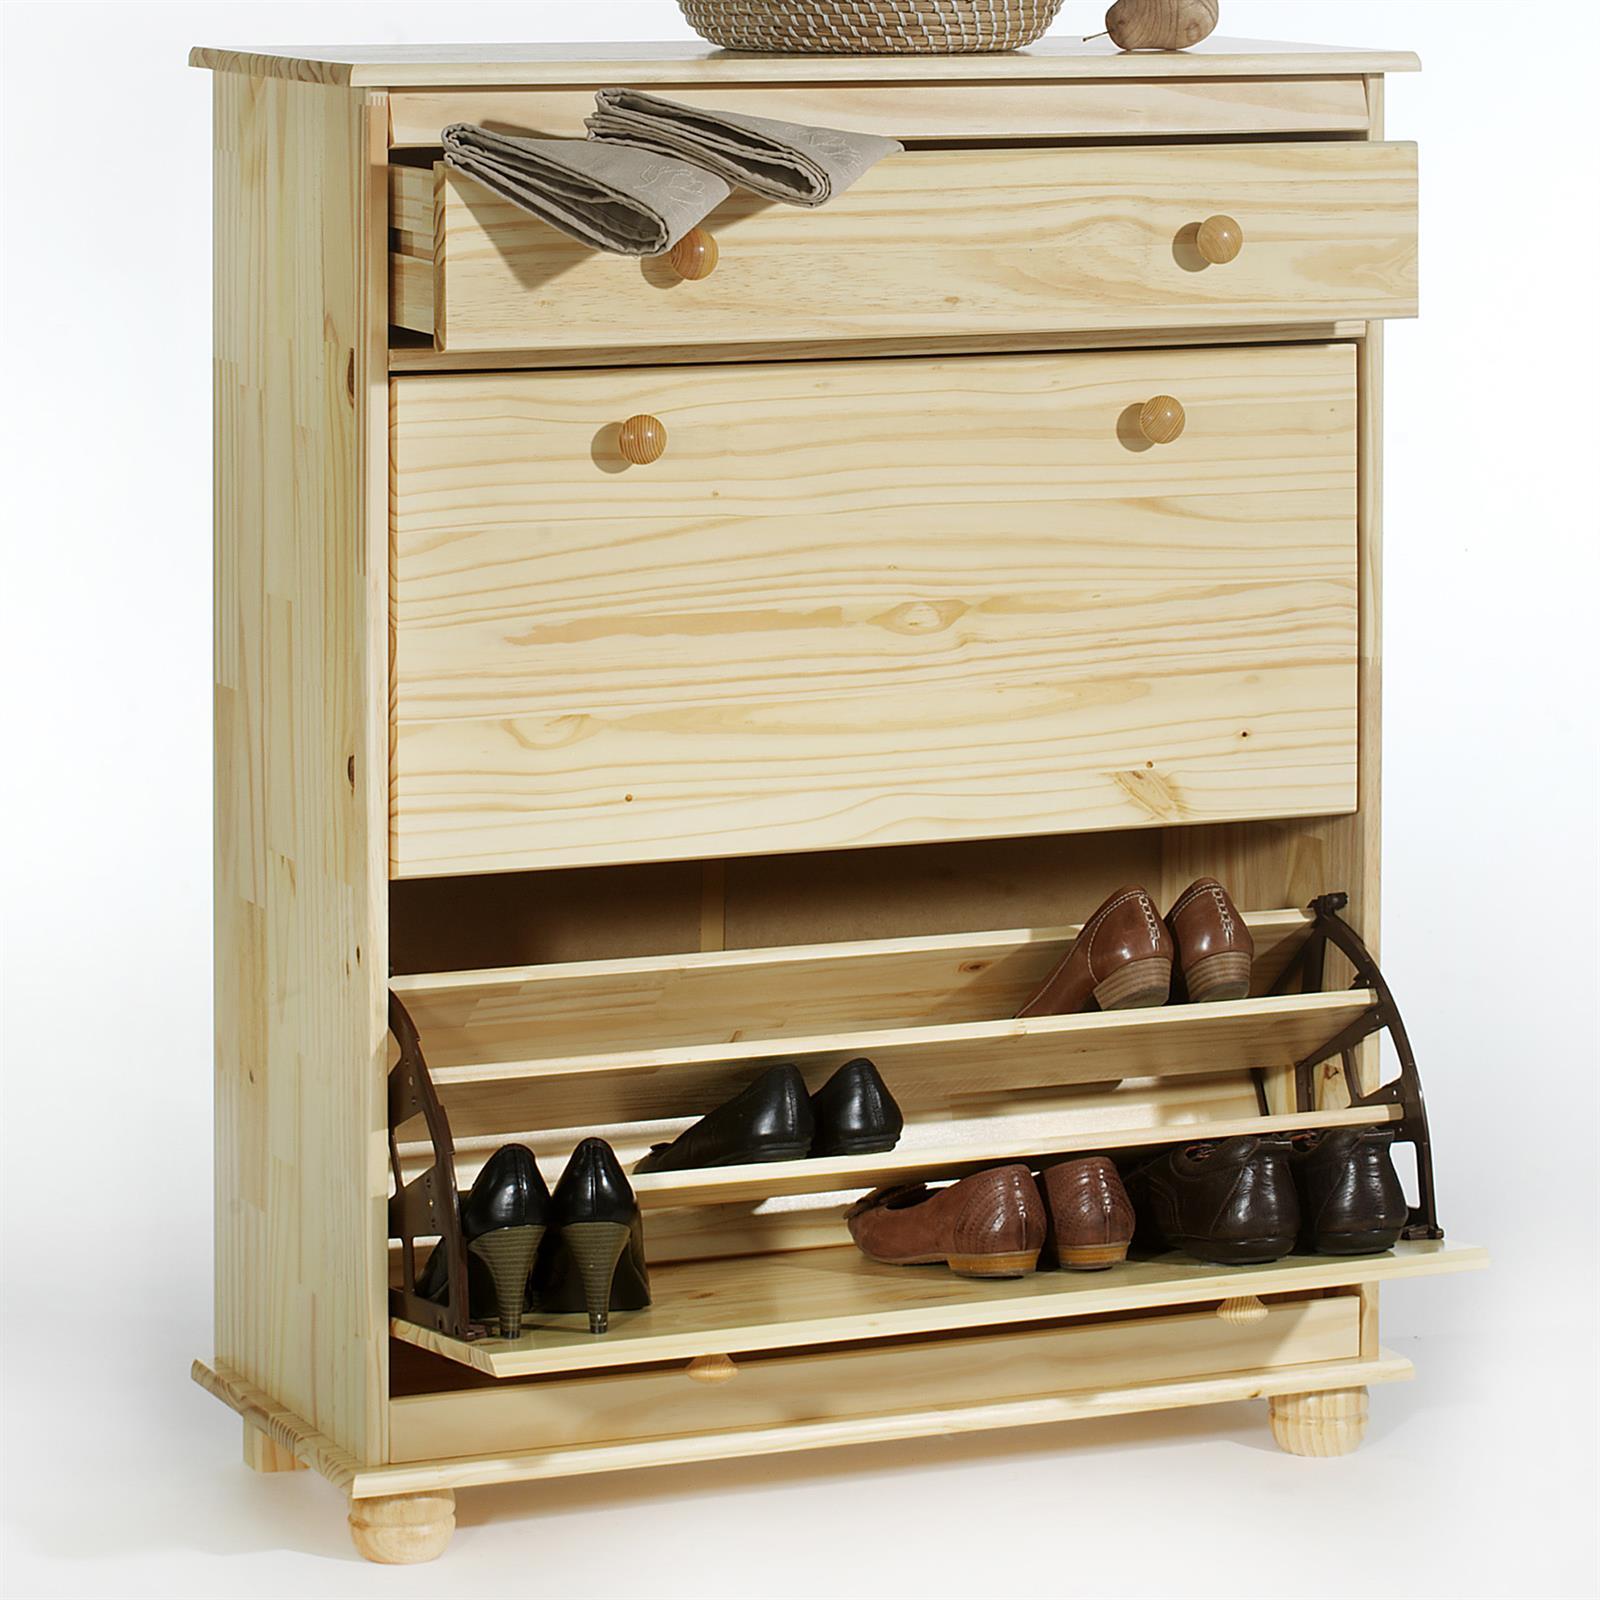 Meuble chaussures en pin bern vernis naturel mobil for Peindre meuble pin vernis